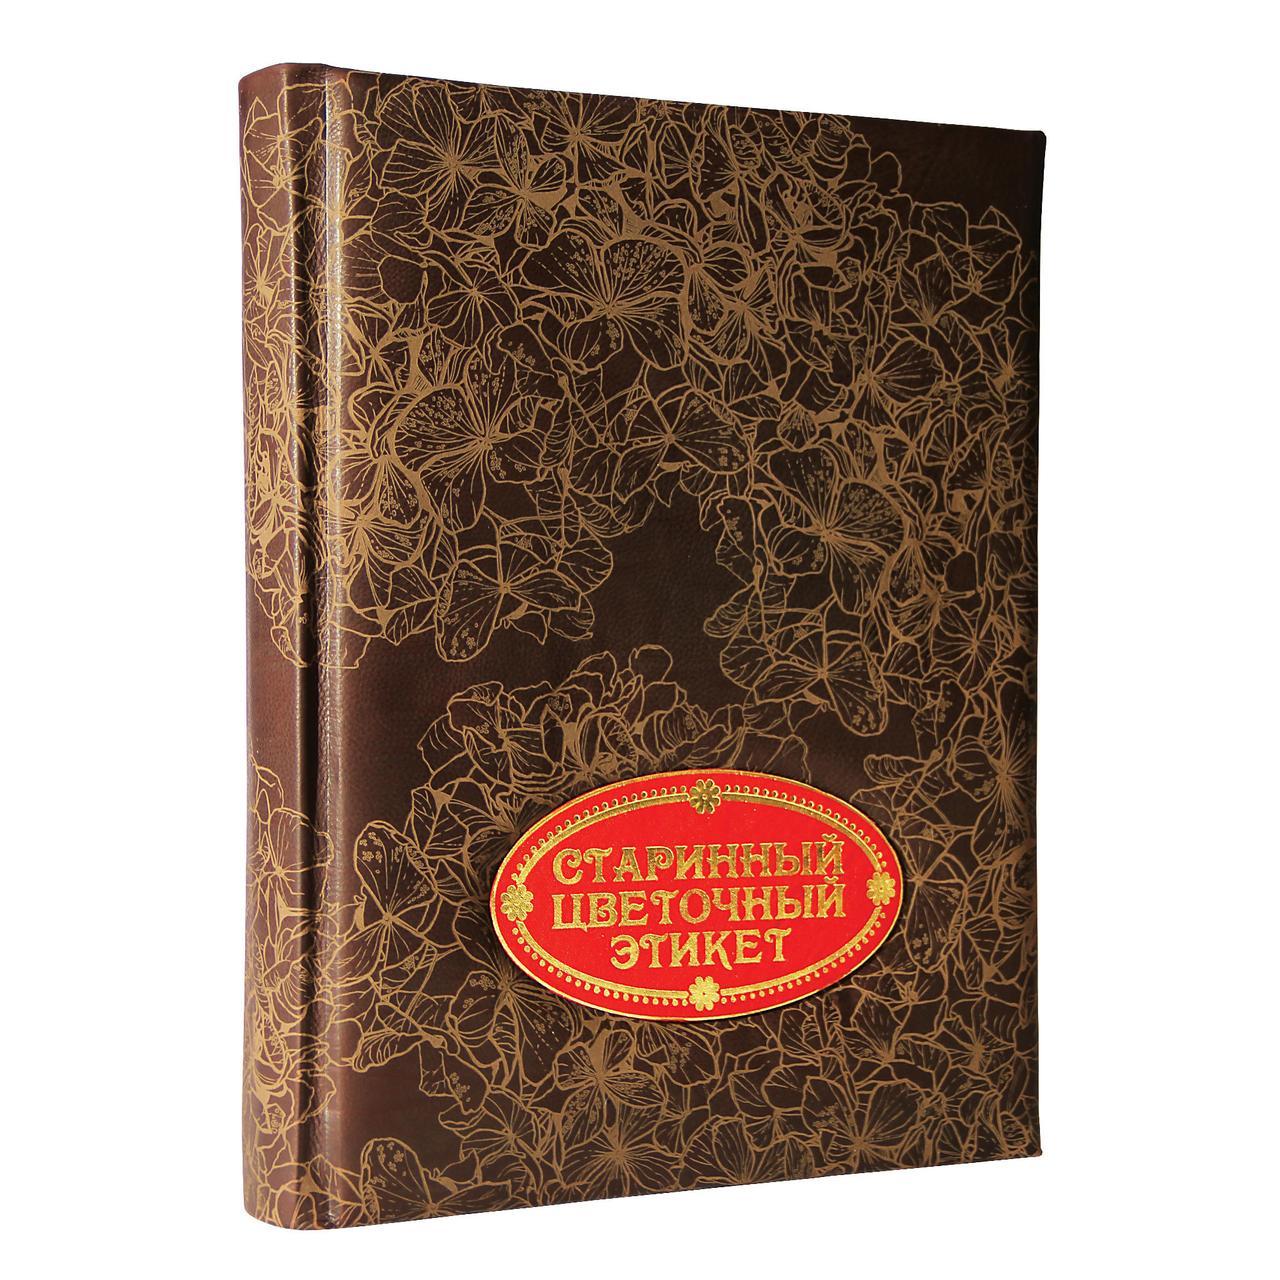 """Книга в кожаном переплете """"Старинный цветочный этикет"""""""